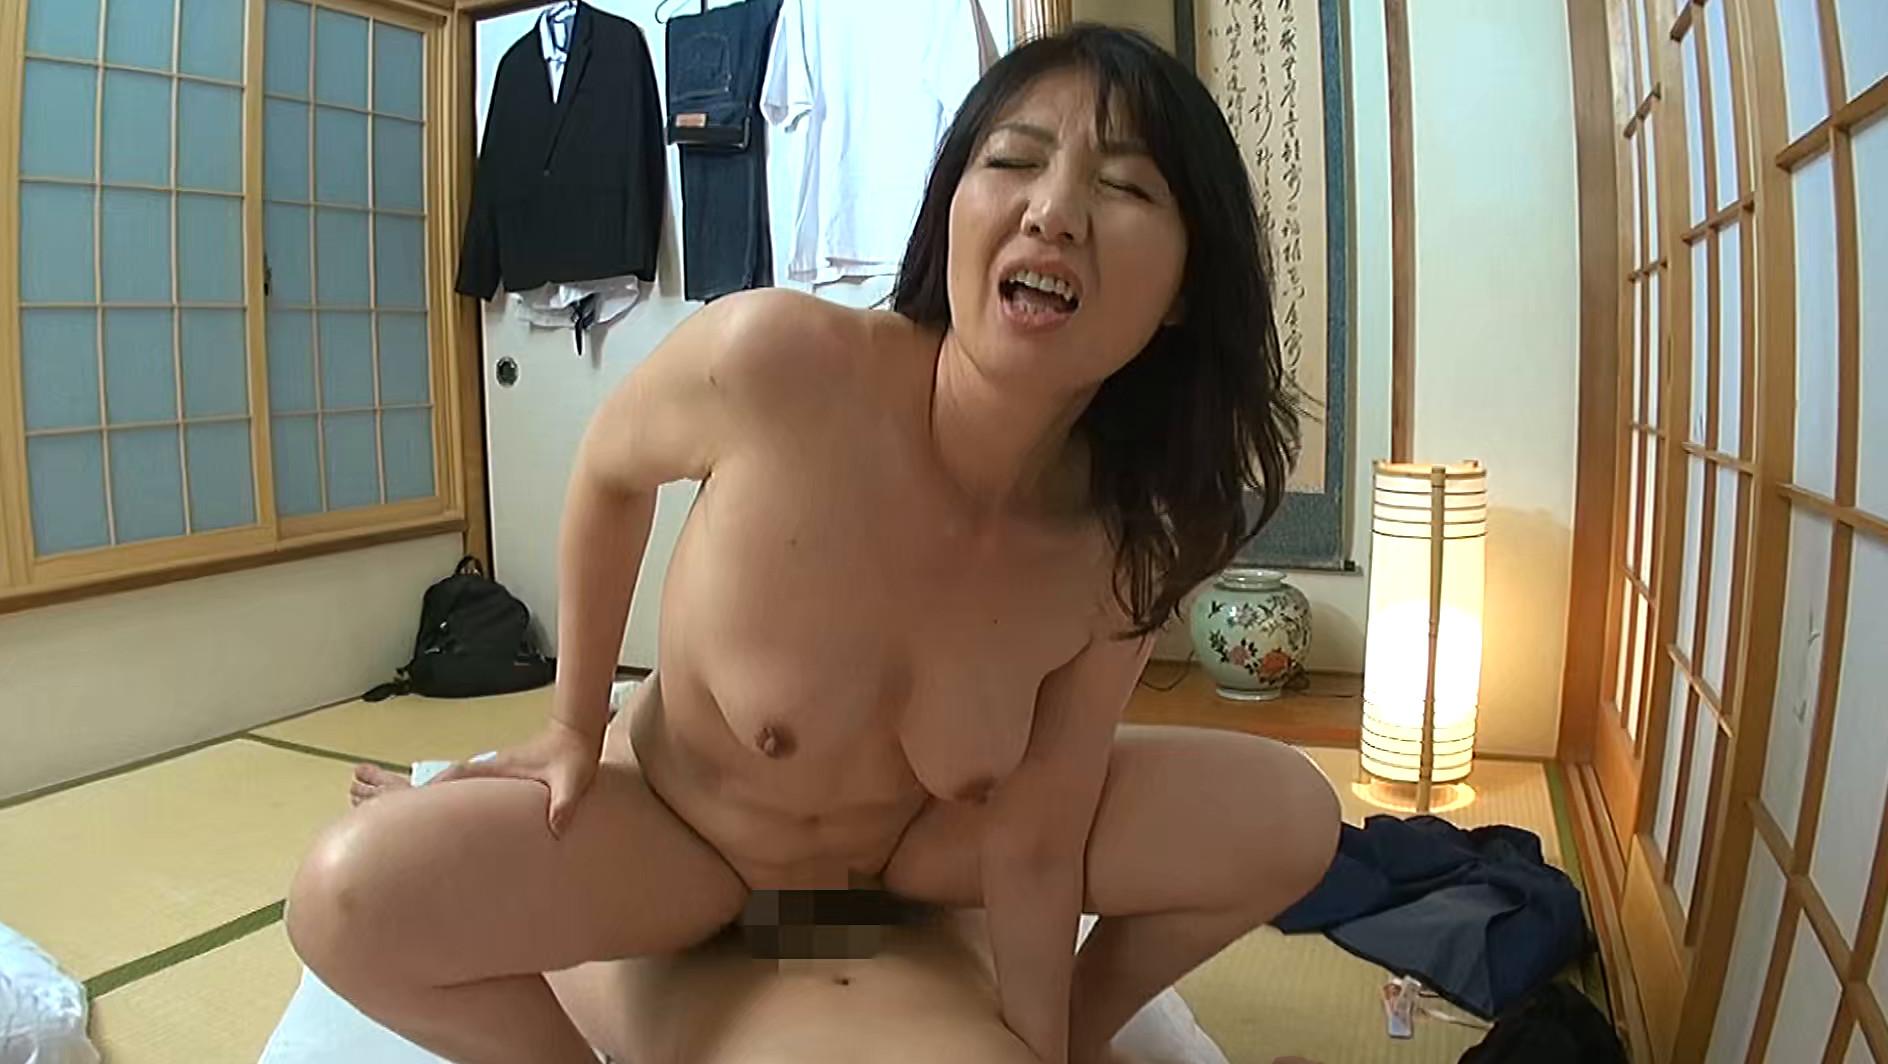 熟女 交尾ドラマ全集 アテナ秘宝館 10人4時間 画像7